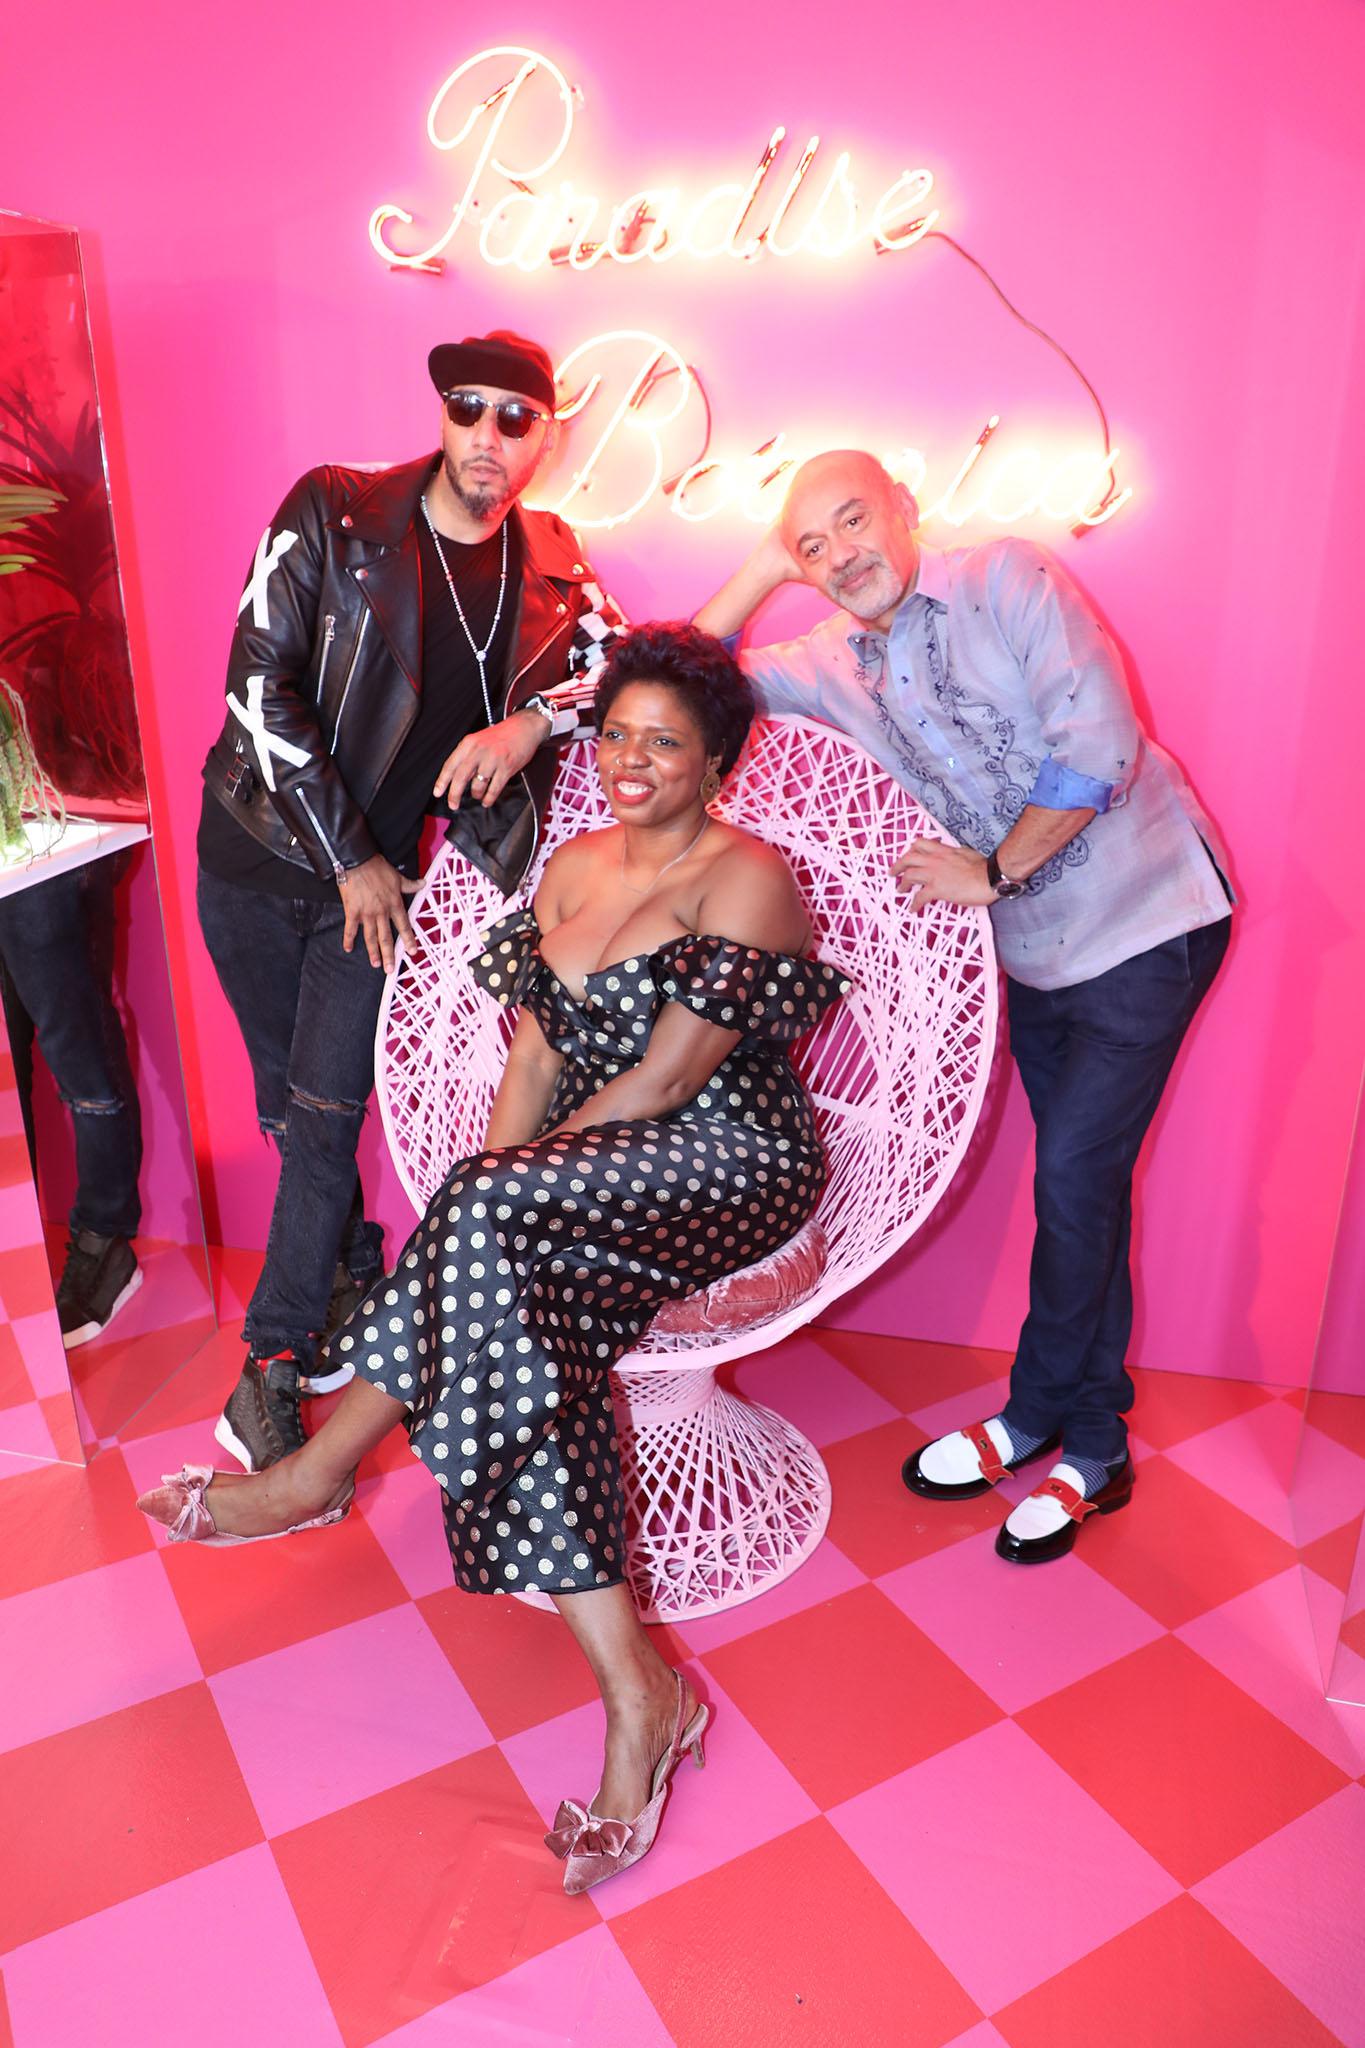 Swiss Beatz, Ebony G. Patterson, and Christian Louboutin